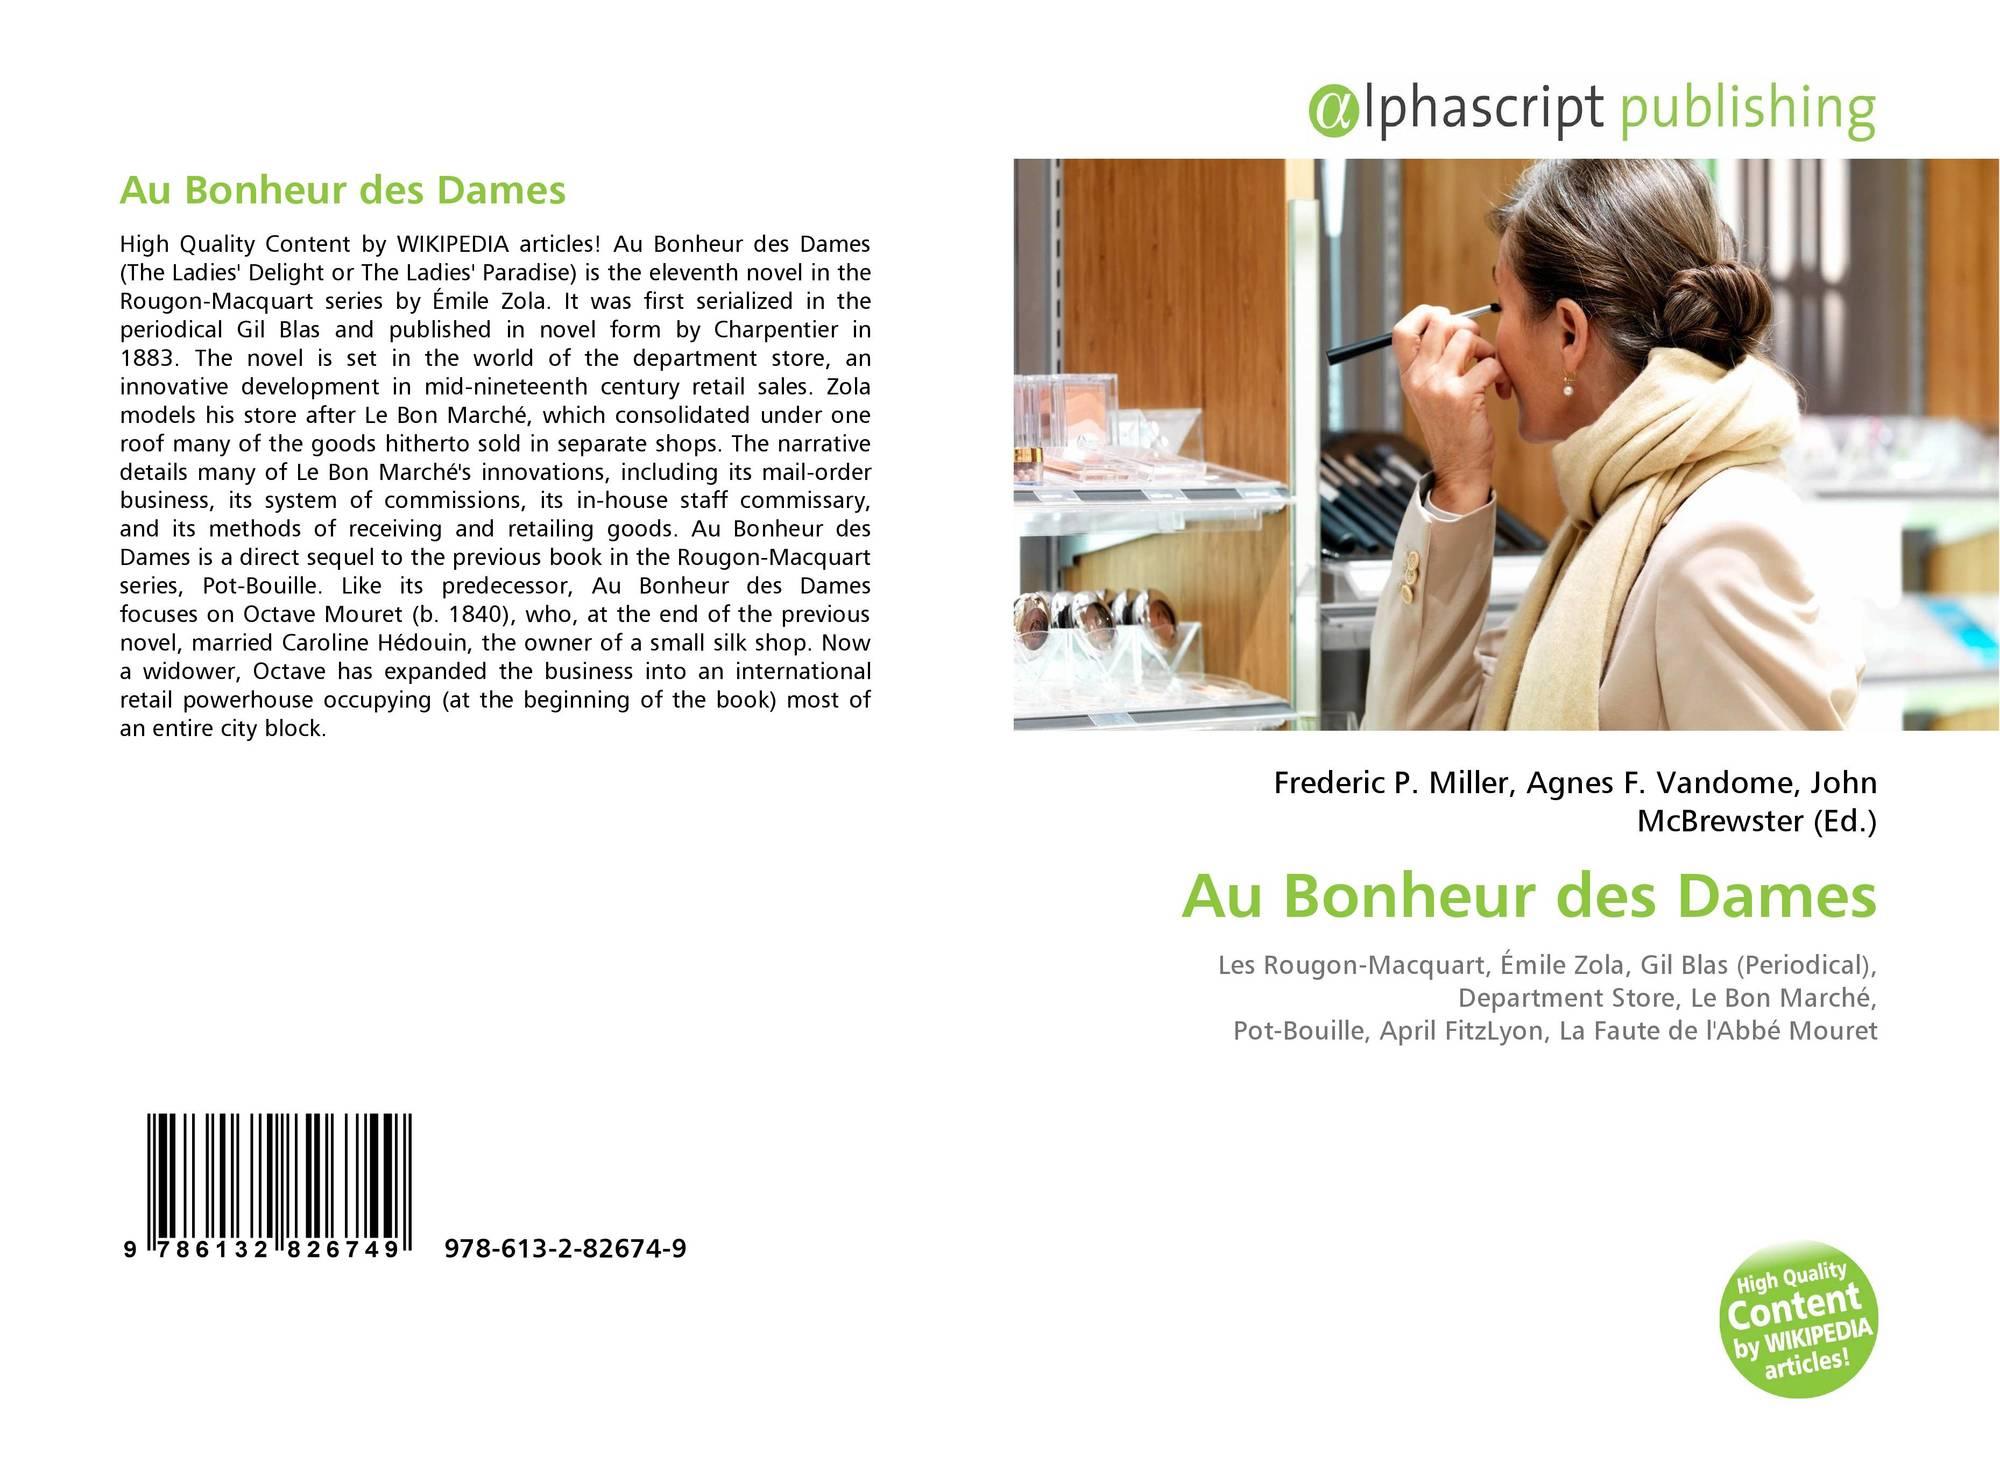 Au Bonheur Des Dames, 978-613-2-82674-9, 6132826742 encequiconcerne Bon The Bonheur